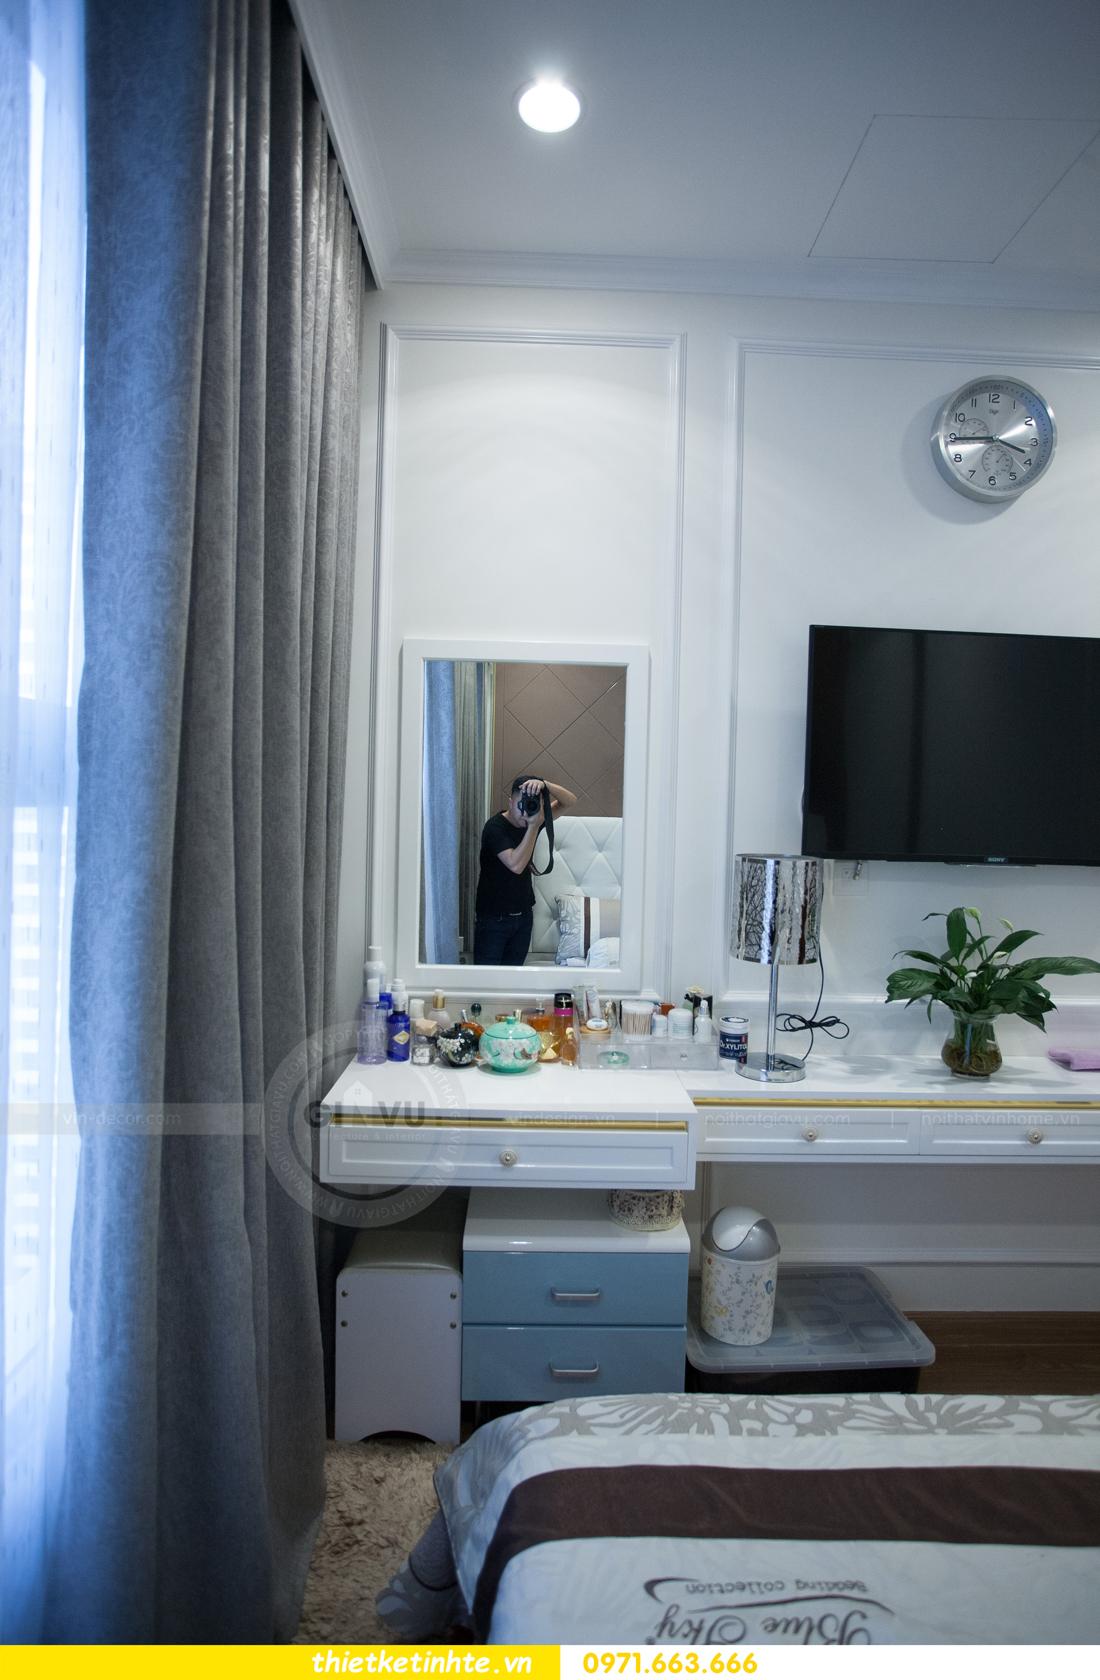 hoàn thiện nội thất chung cư Park Hill căn 2 phòng ngủ 15